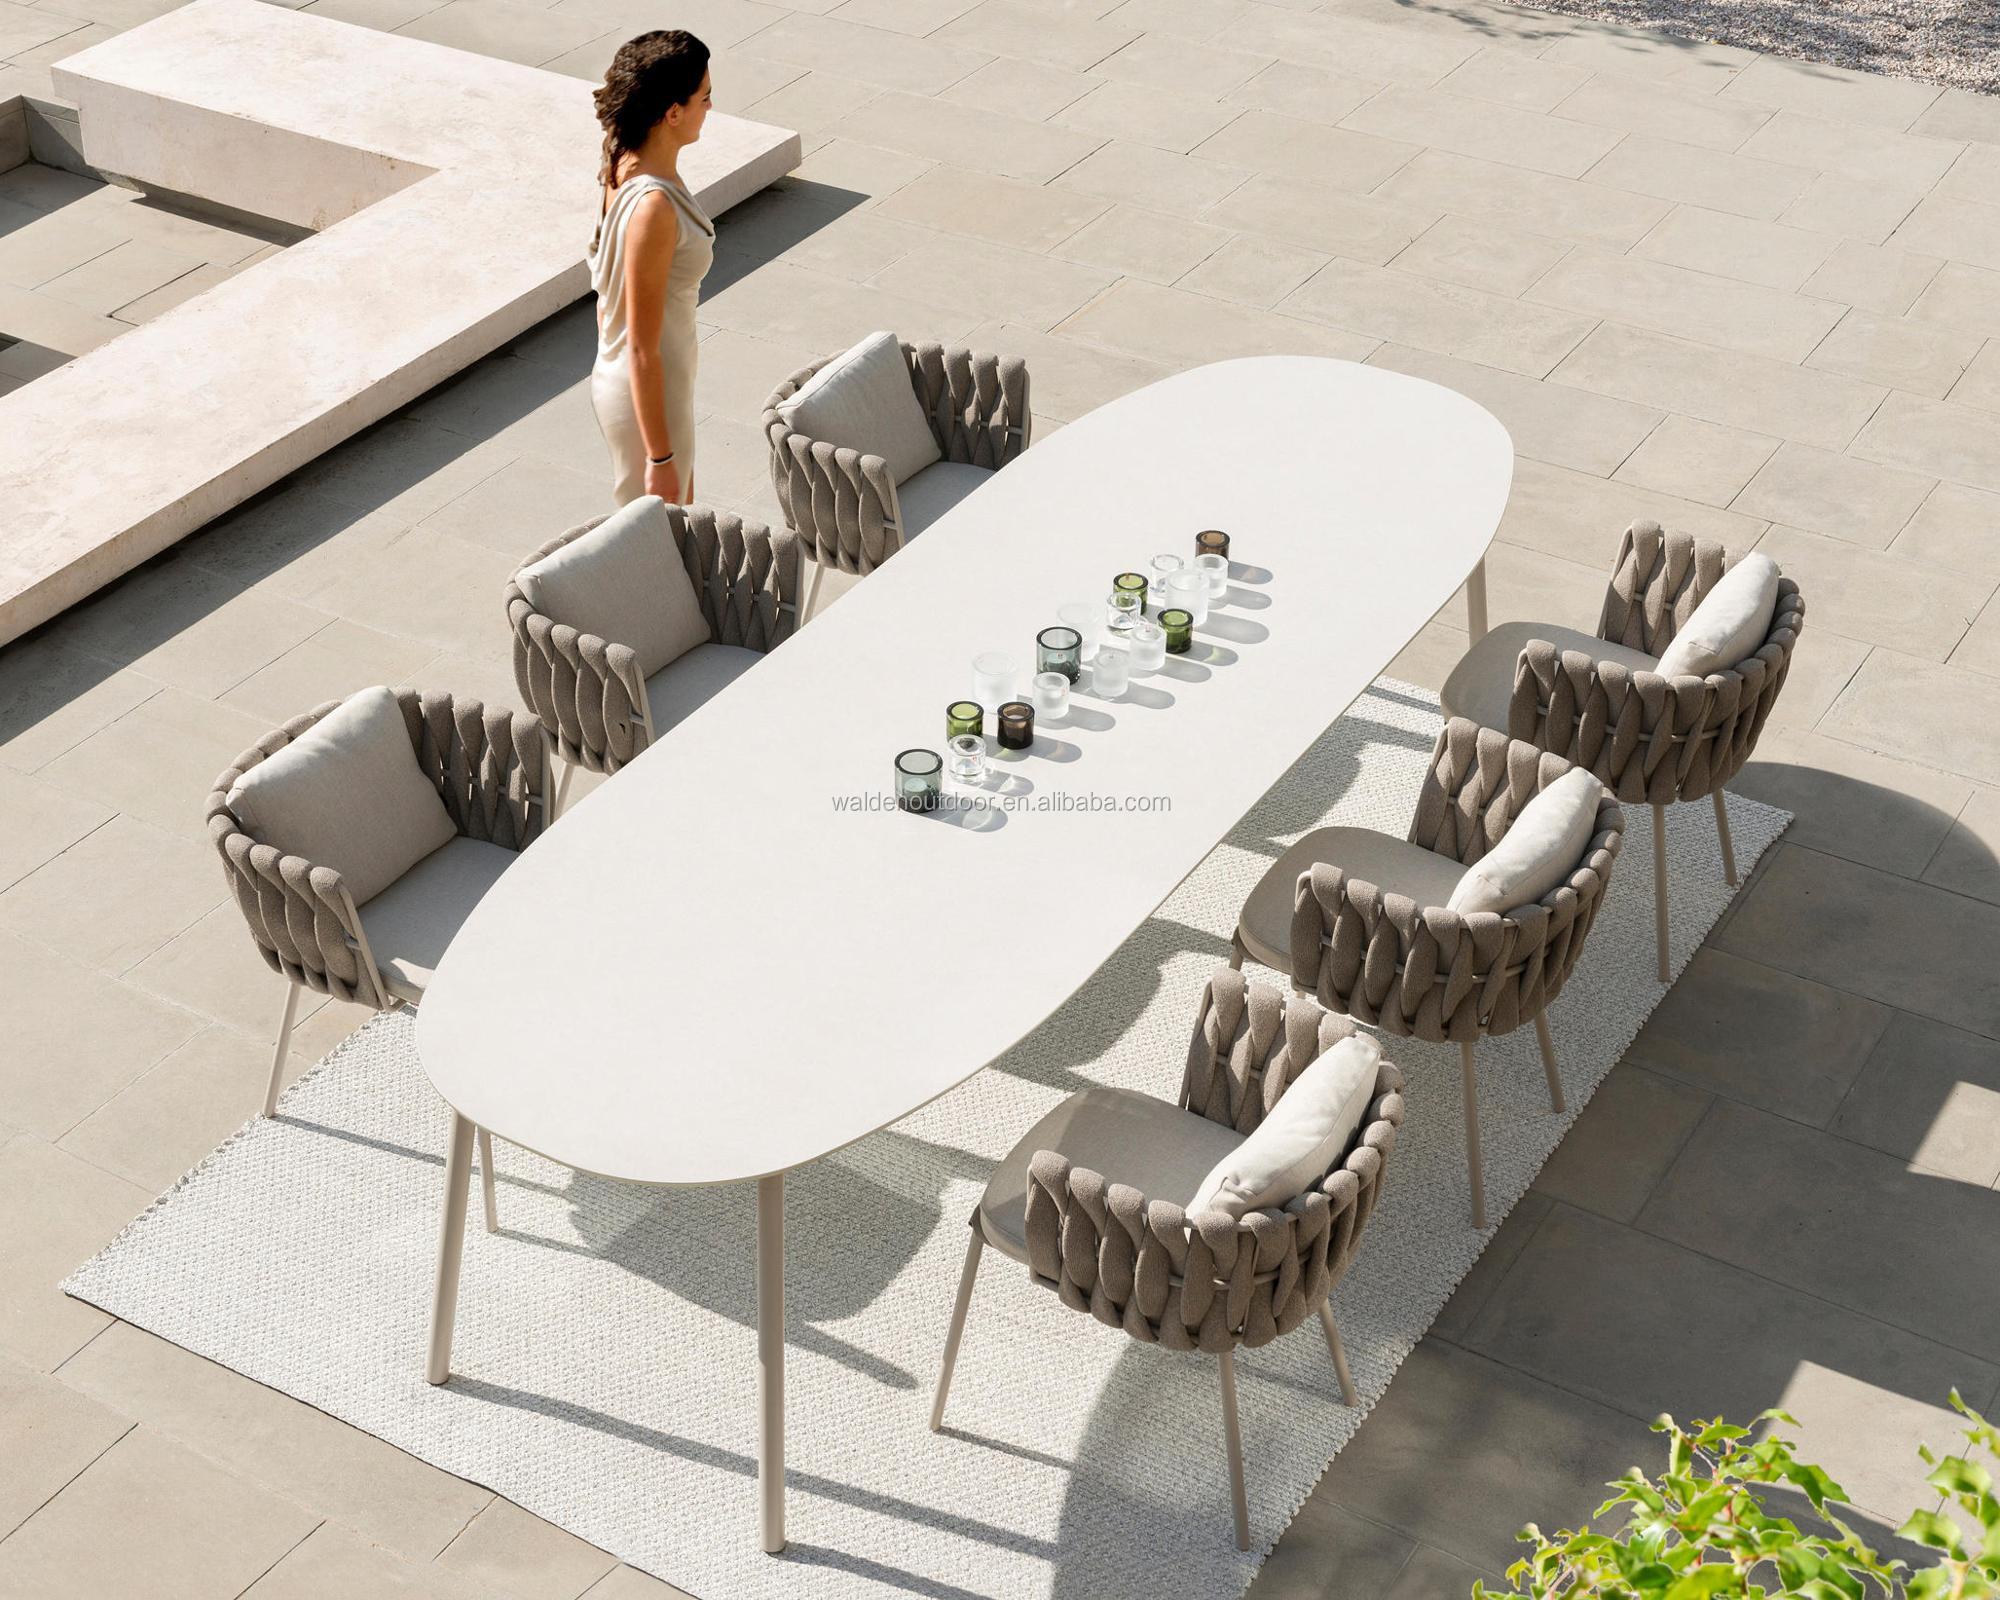 China rattan furniture wholesale 🇨🇳 Alibaba